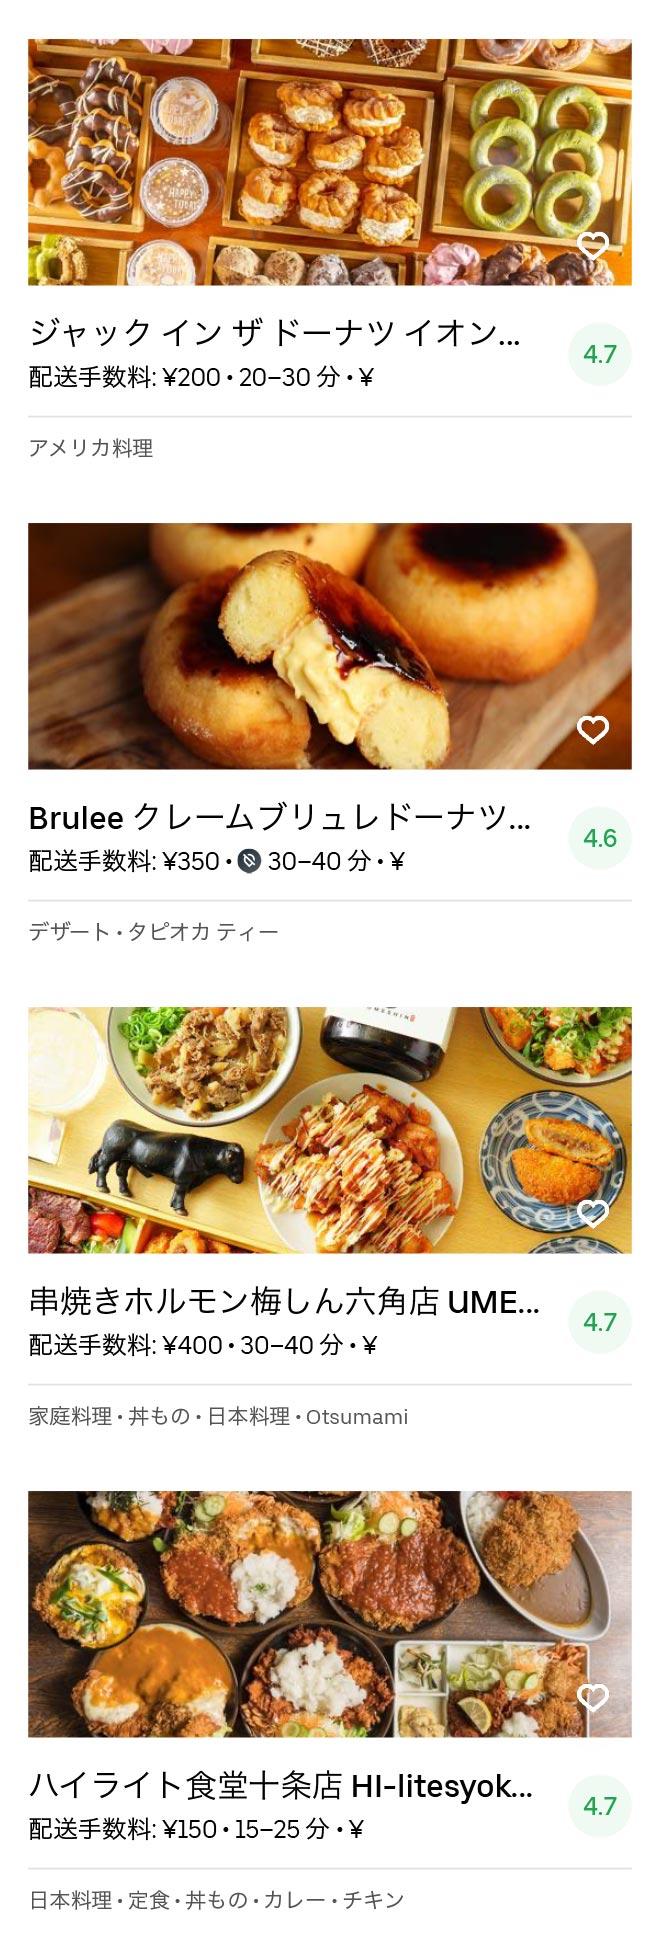 Kyoto nishioji menu 2005 08